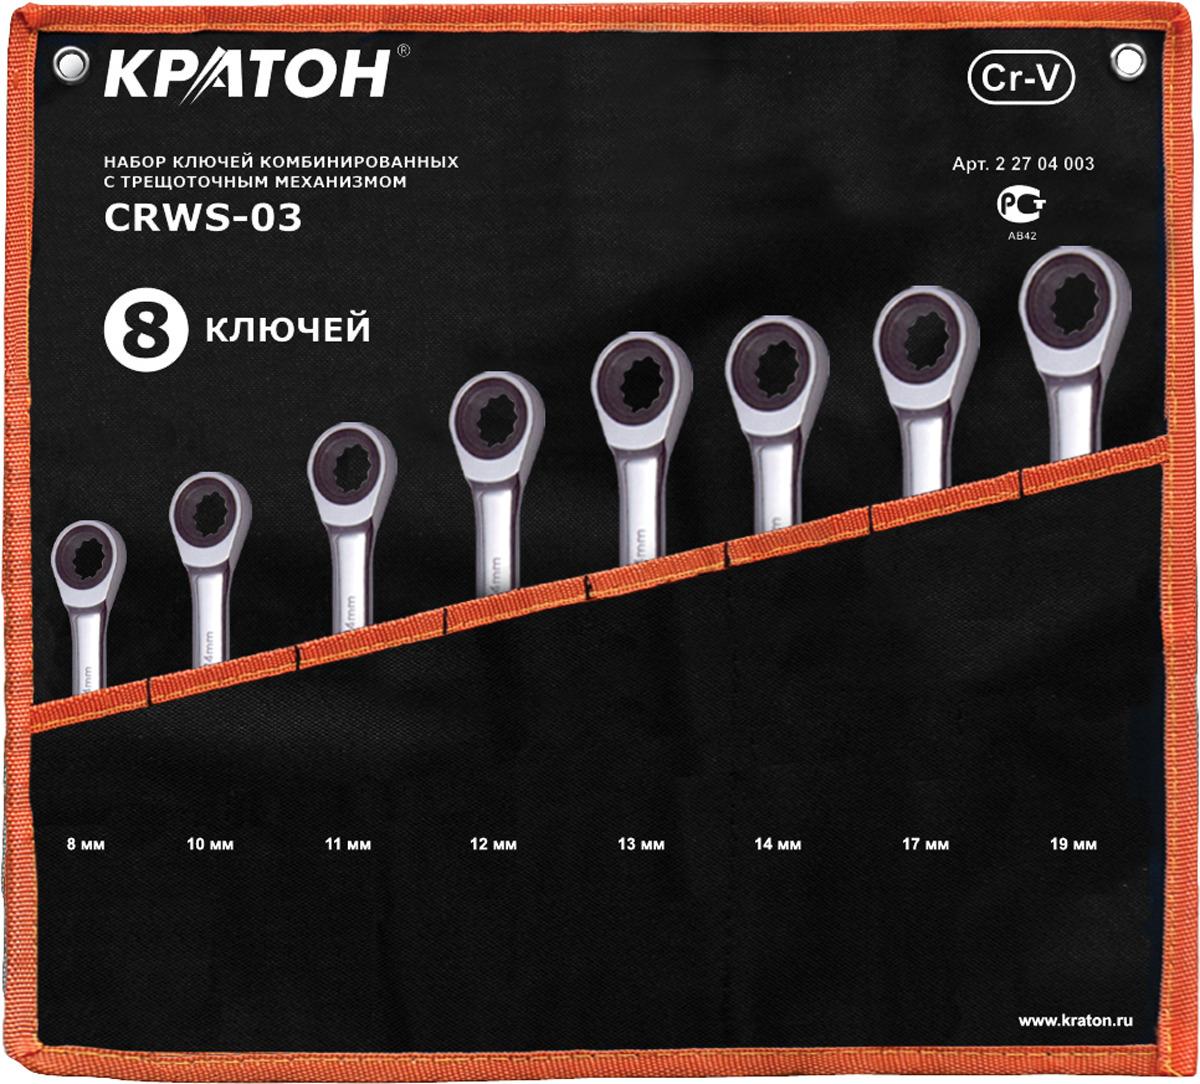 Набор ключей комбинированных с трещоточным механизмом Кратон CRWS-03, 8 предметов набор ключей комбинированных 9 предметов berger bg1144